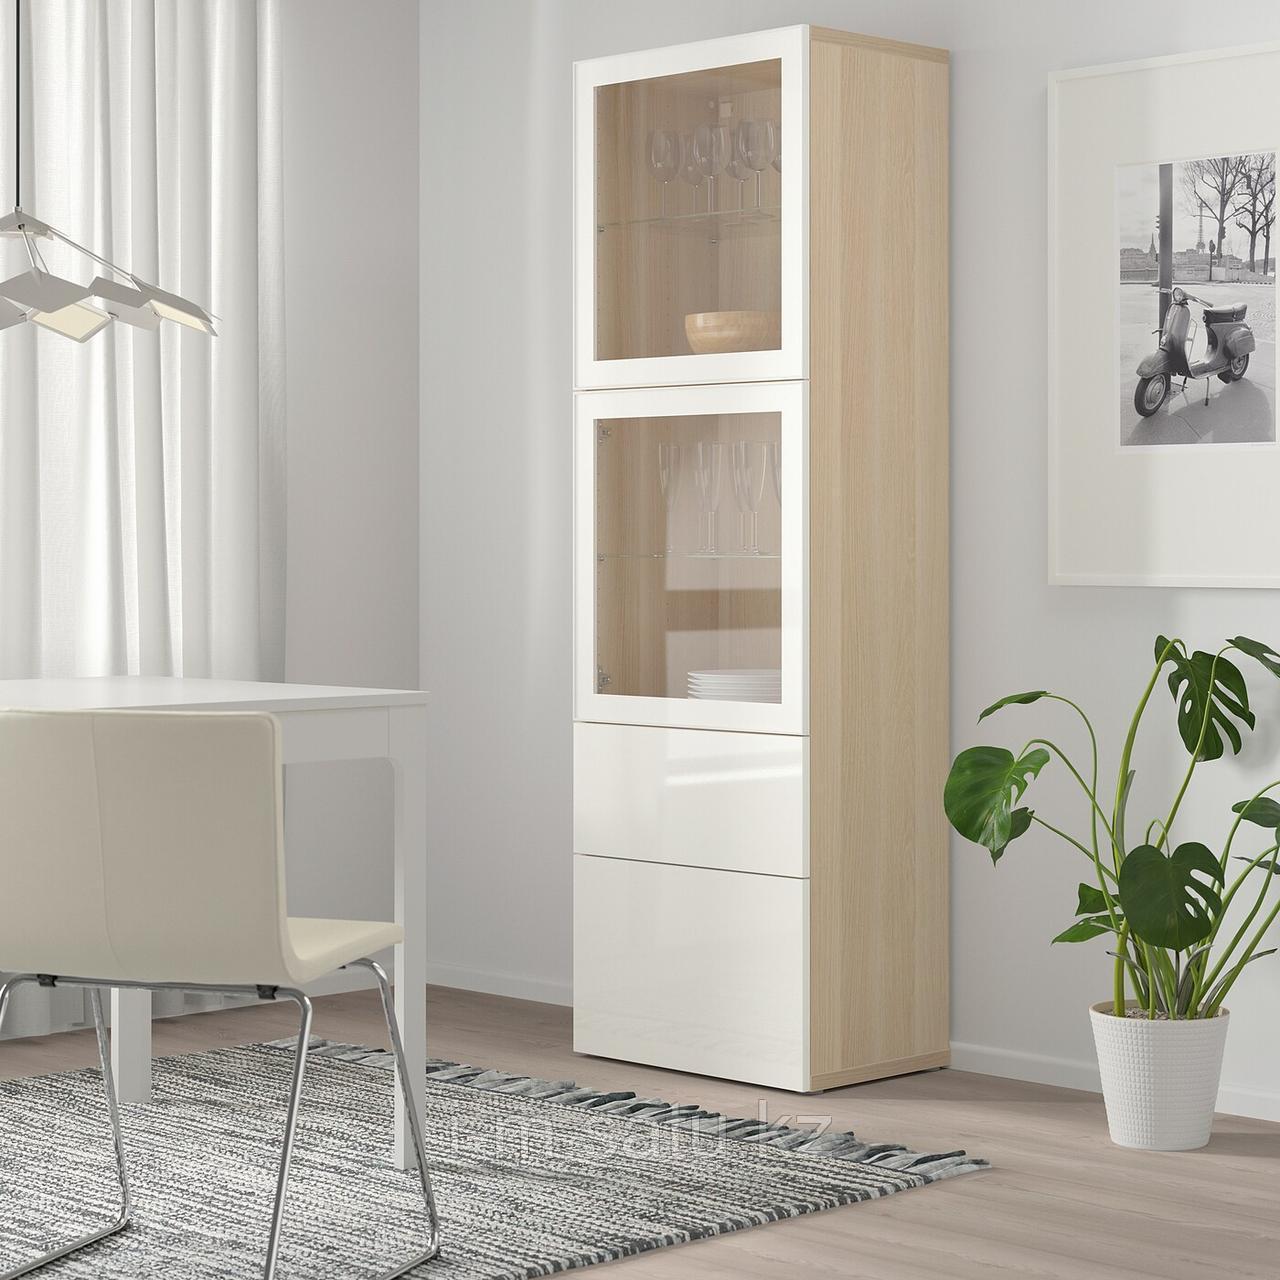 БЕСТО Комбинация д/хранения+стекл дверц, под беленый дуб, Сельсвикен глянцевый 60x42x193 см